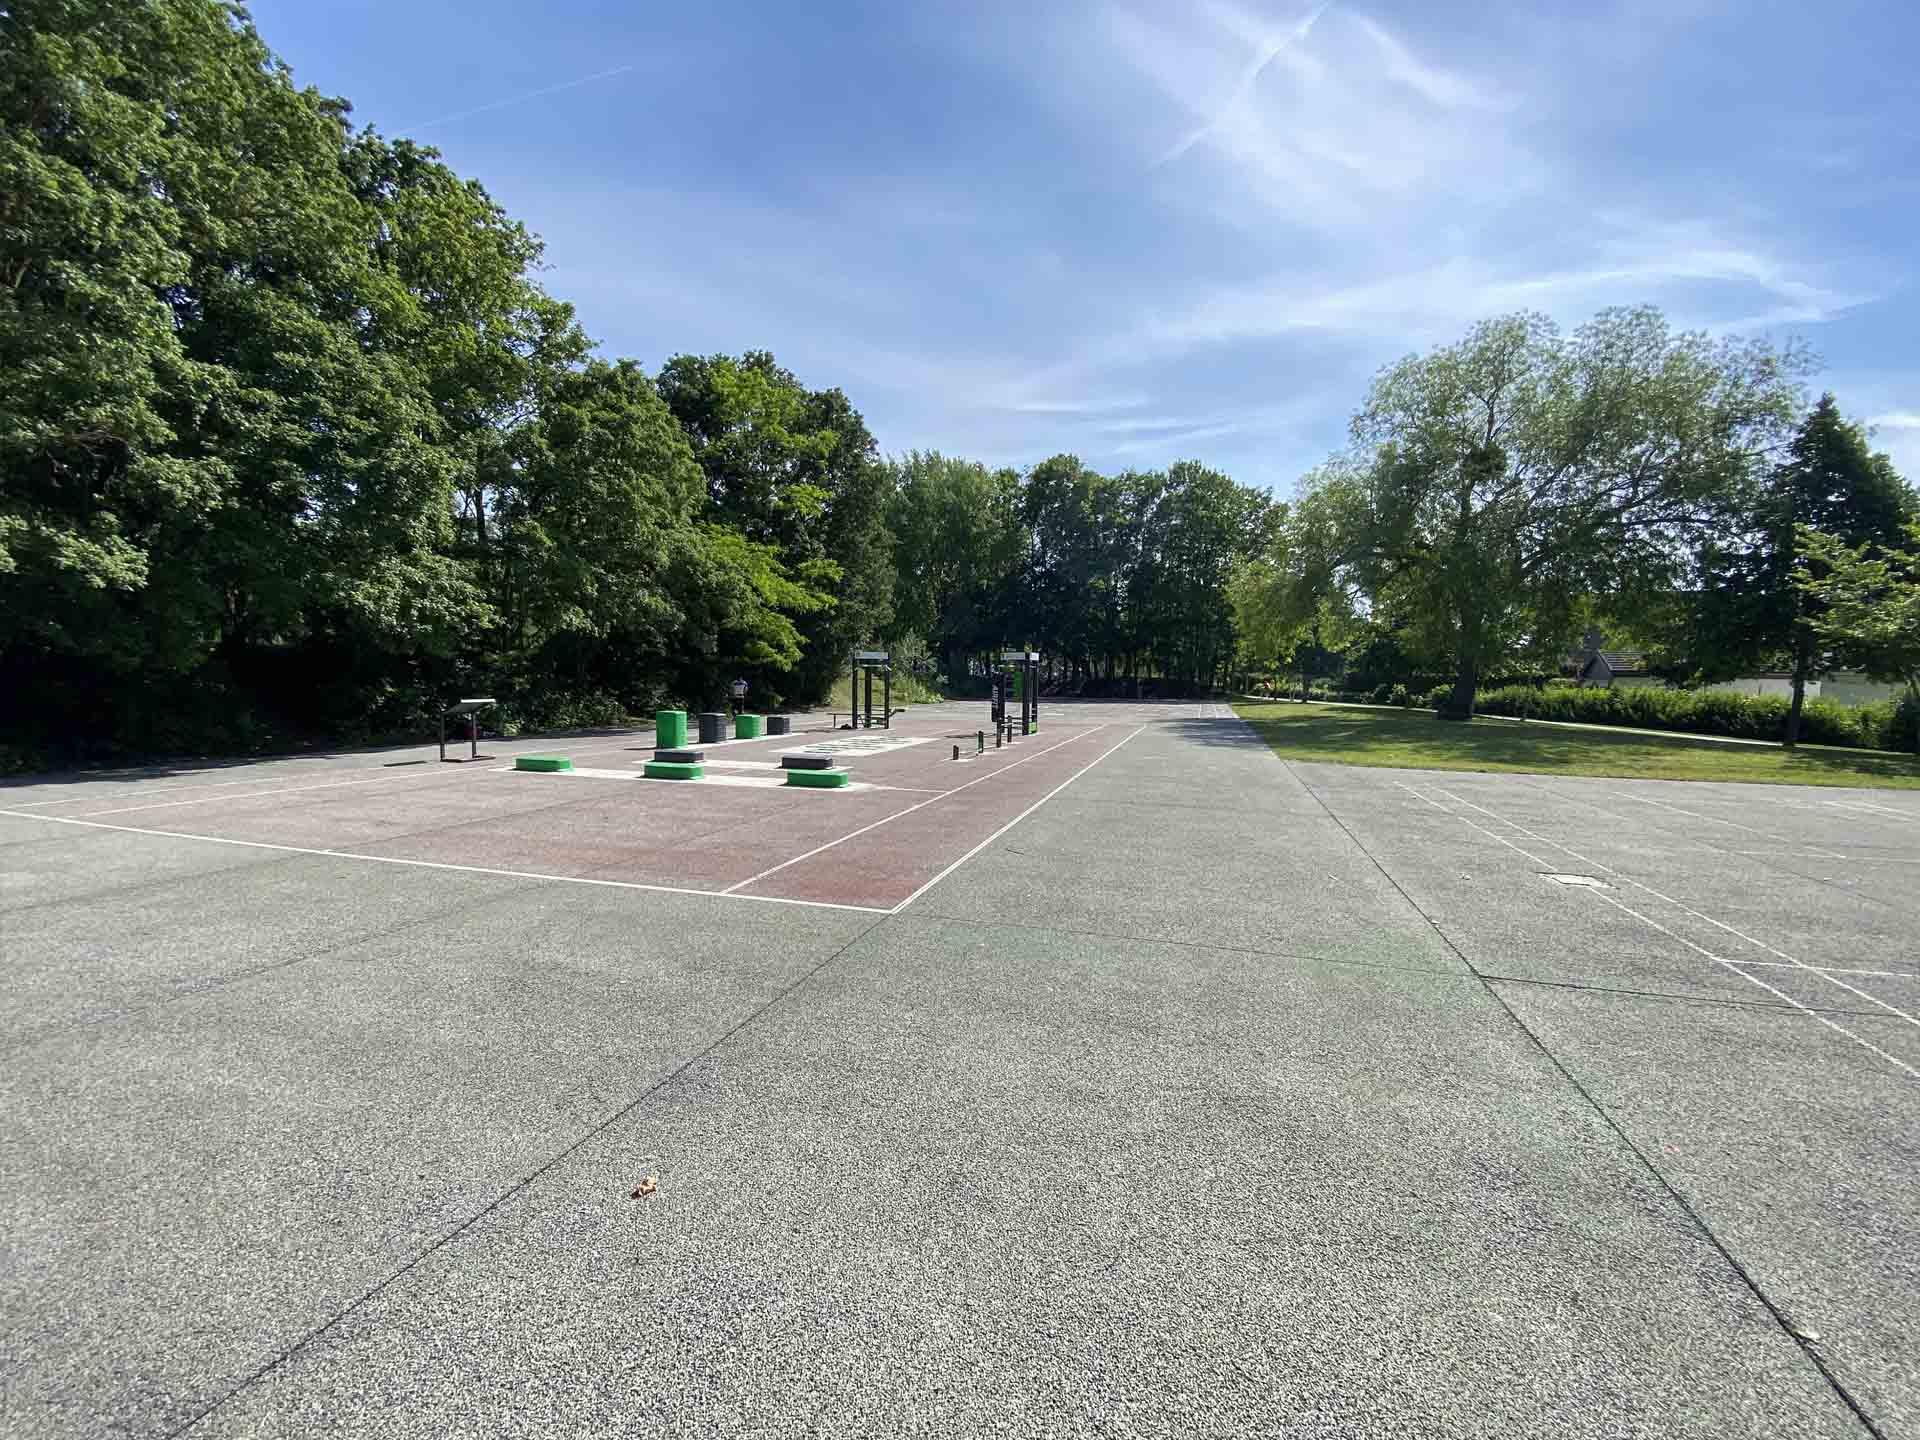 Photo du matériel de sport en extérieur du parc Saint John Perse de Reims